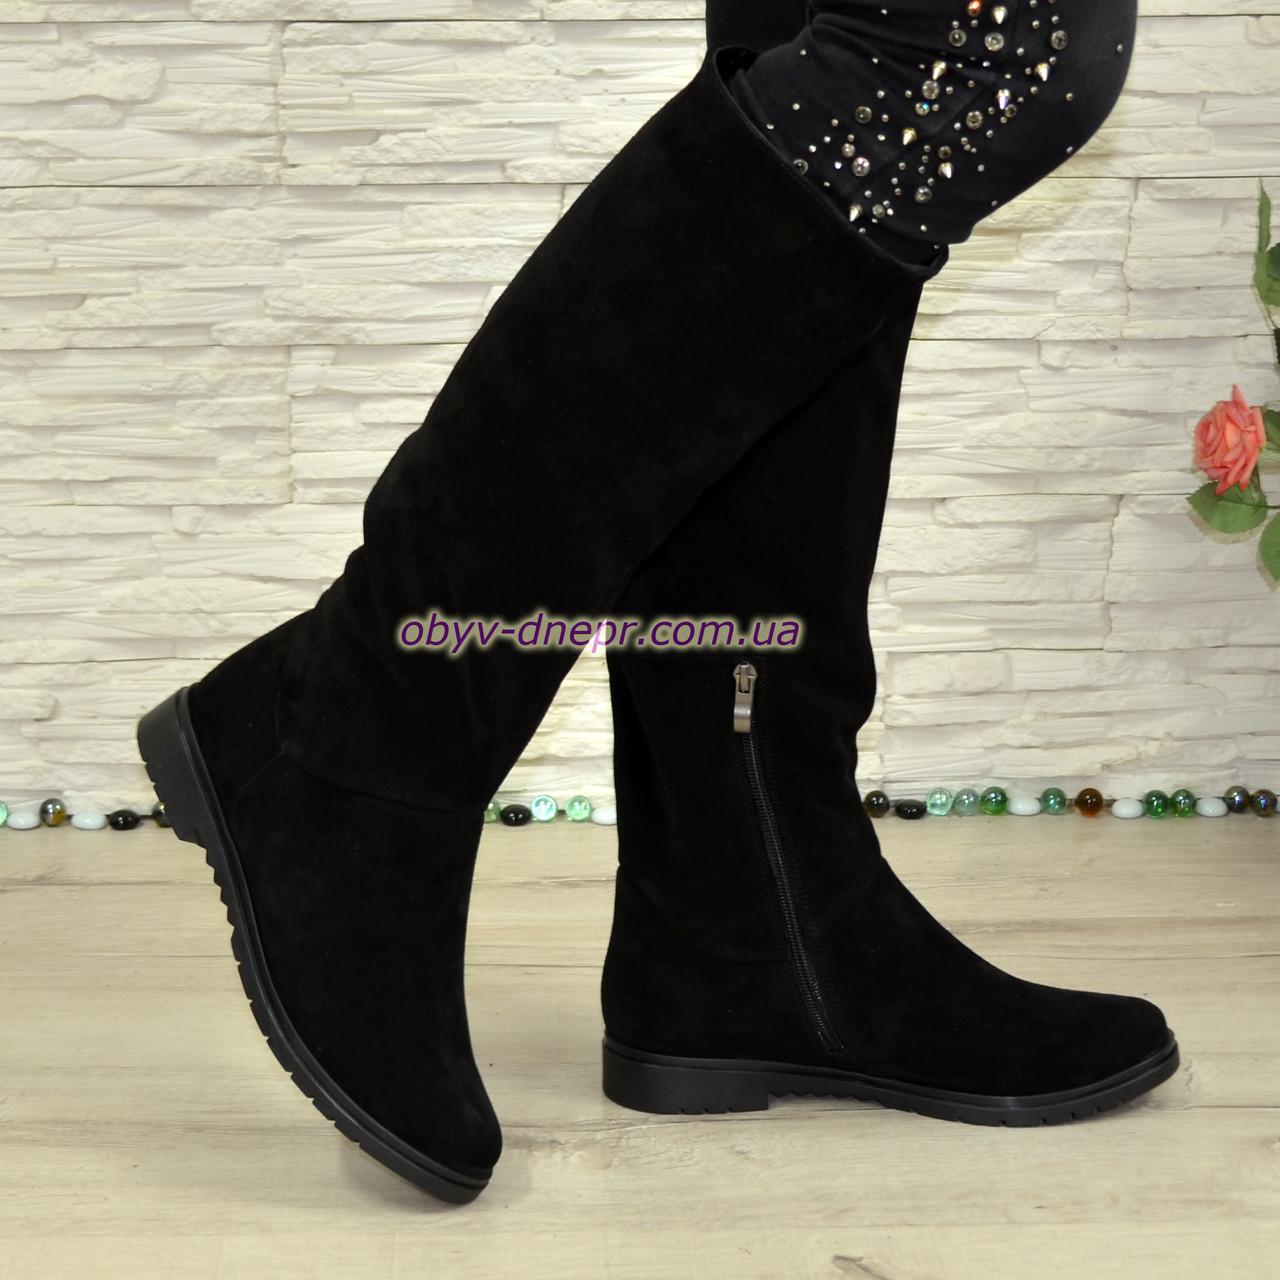 Сапоги-трубы женские замшевые демисезонные черного цвета